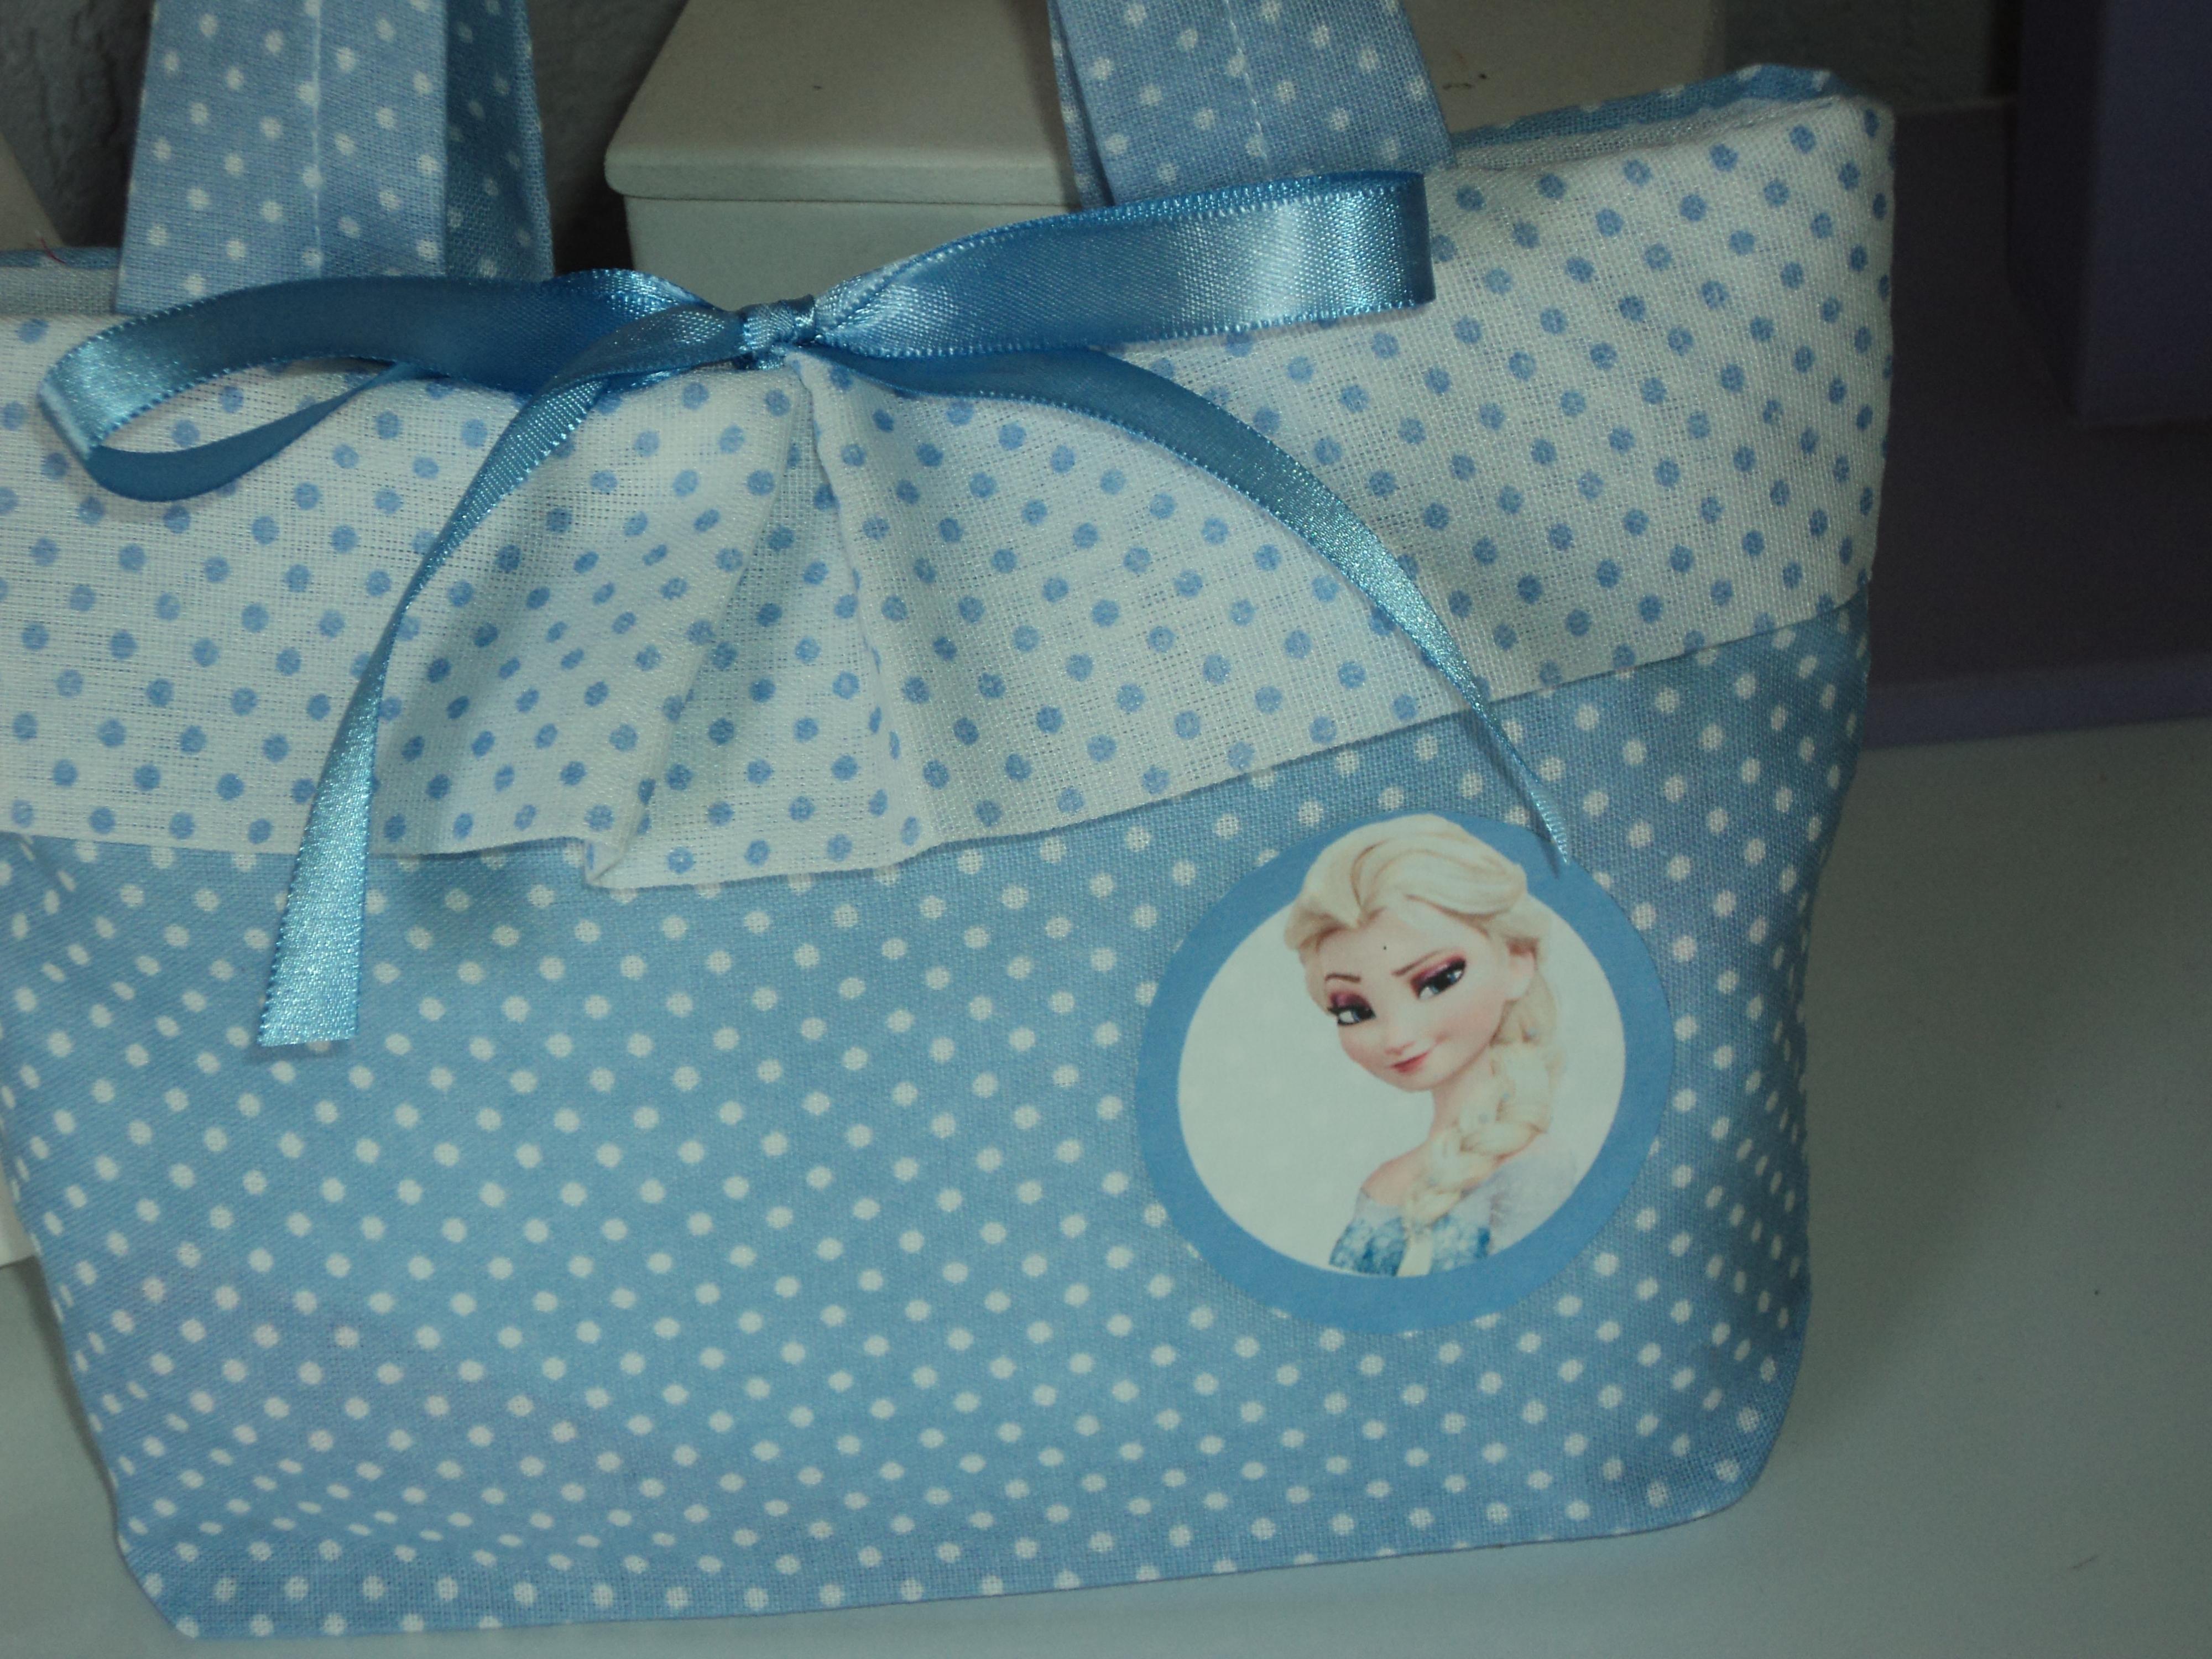 Bolsa De Tecido Frozen : Bolsinha elza frozen mirlene vieira artesanato e